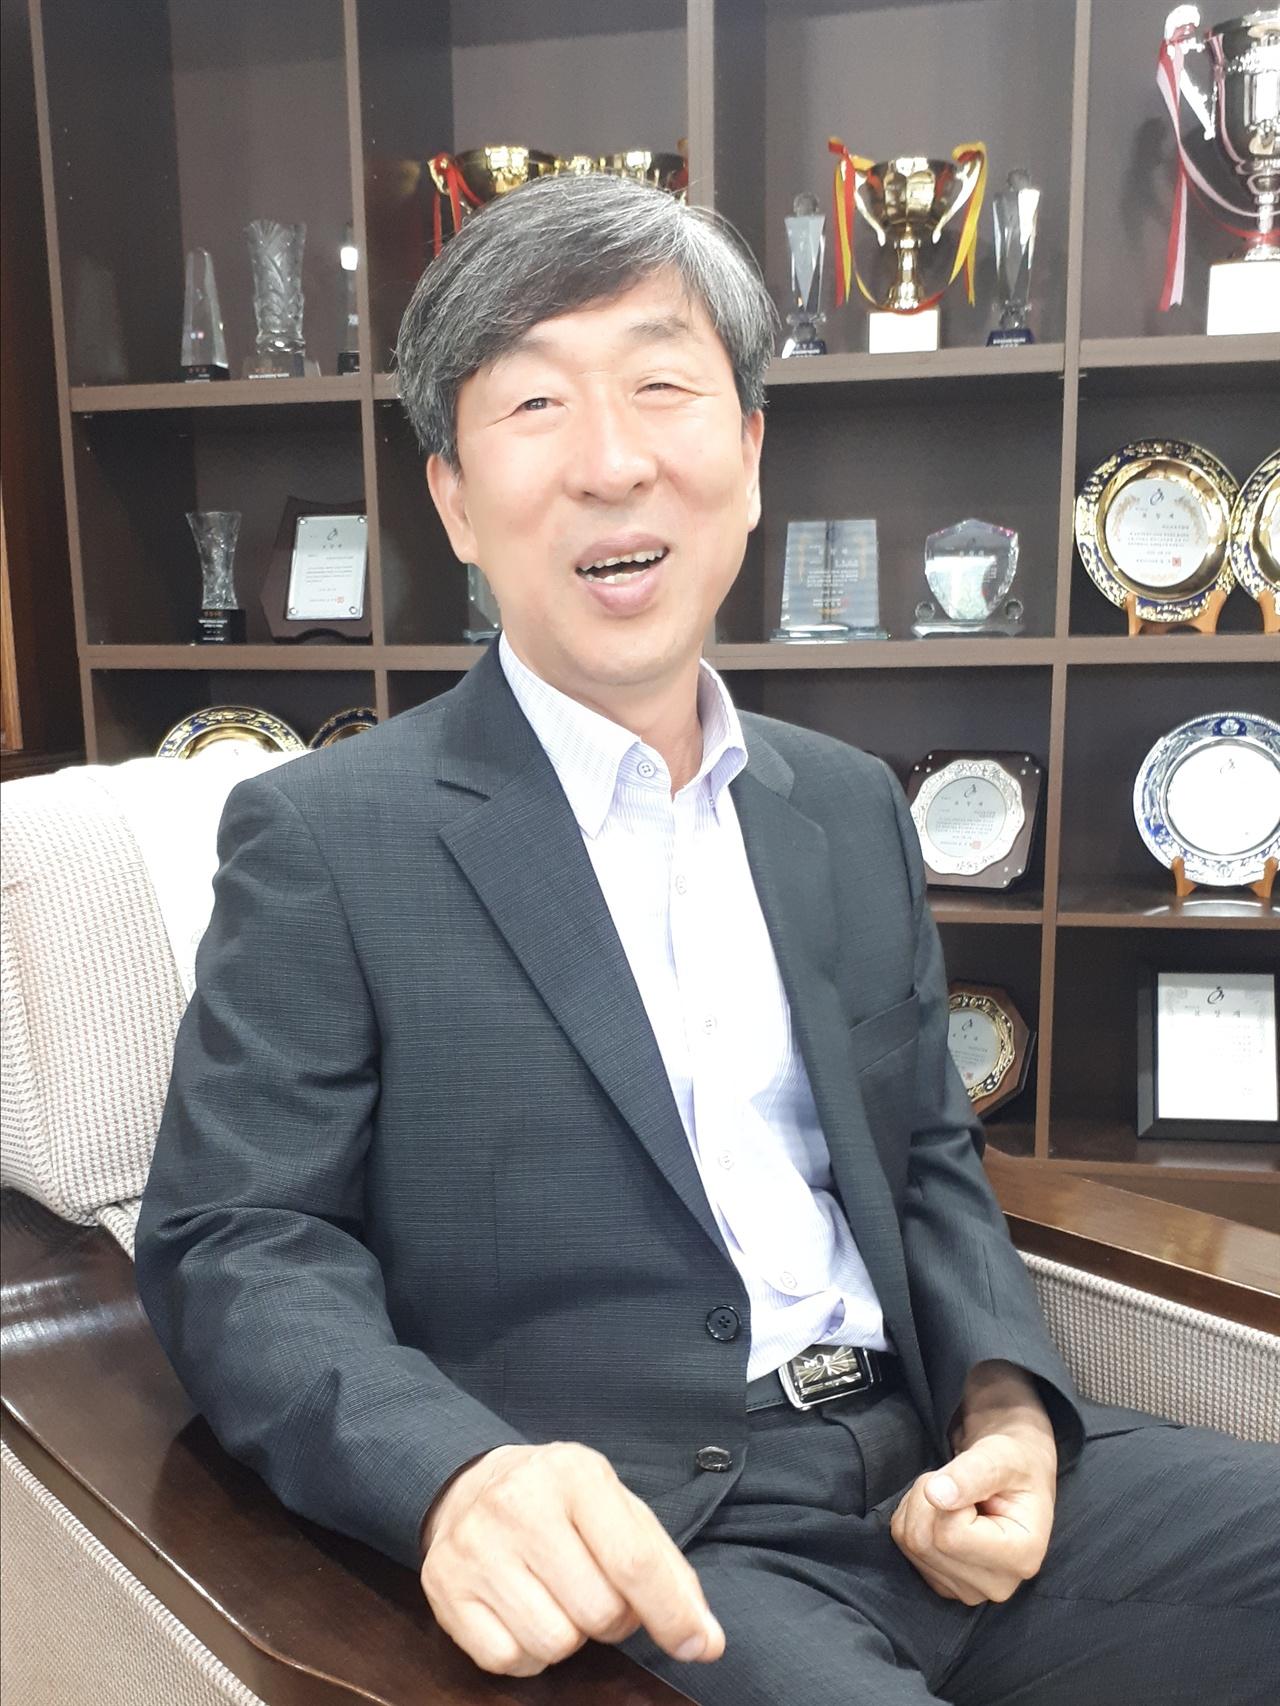 사진2 자신의 책을 설명하기가 무척 쑥스러운 이심훈 교육장.